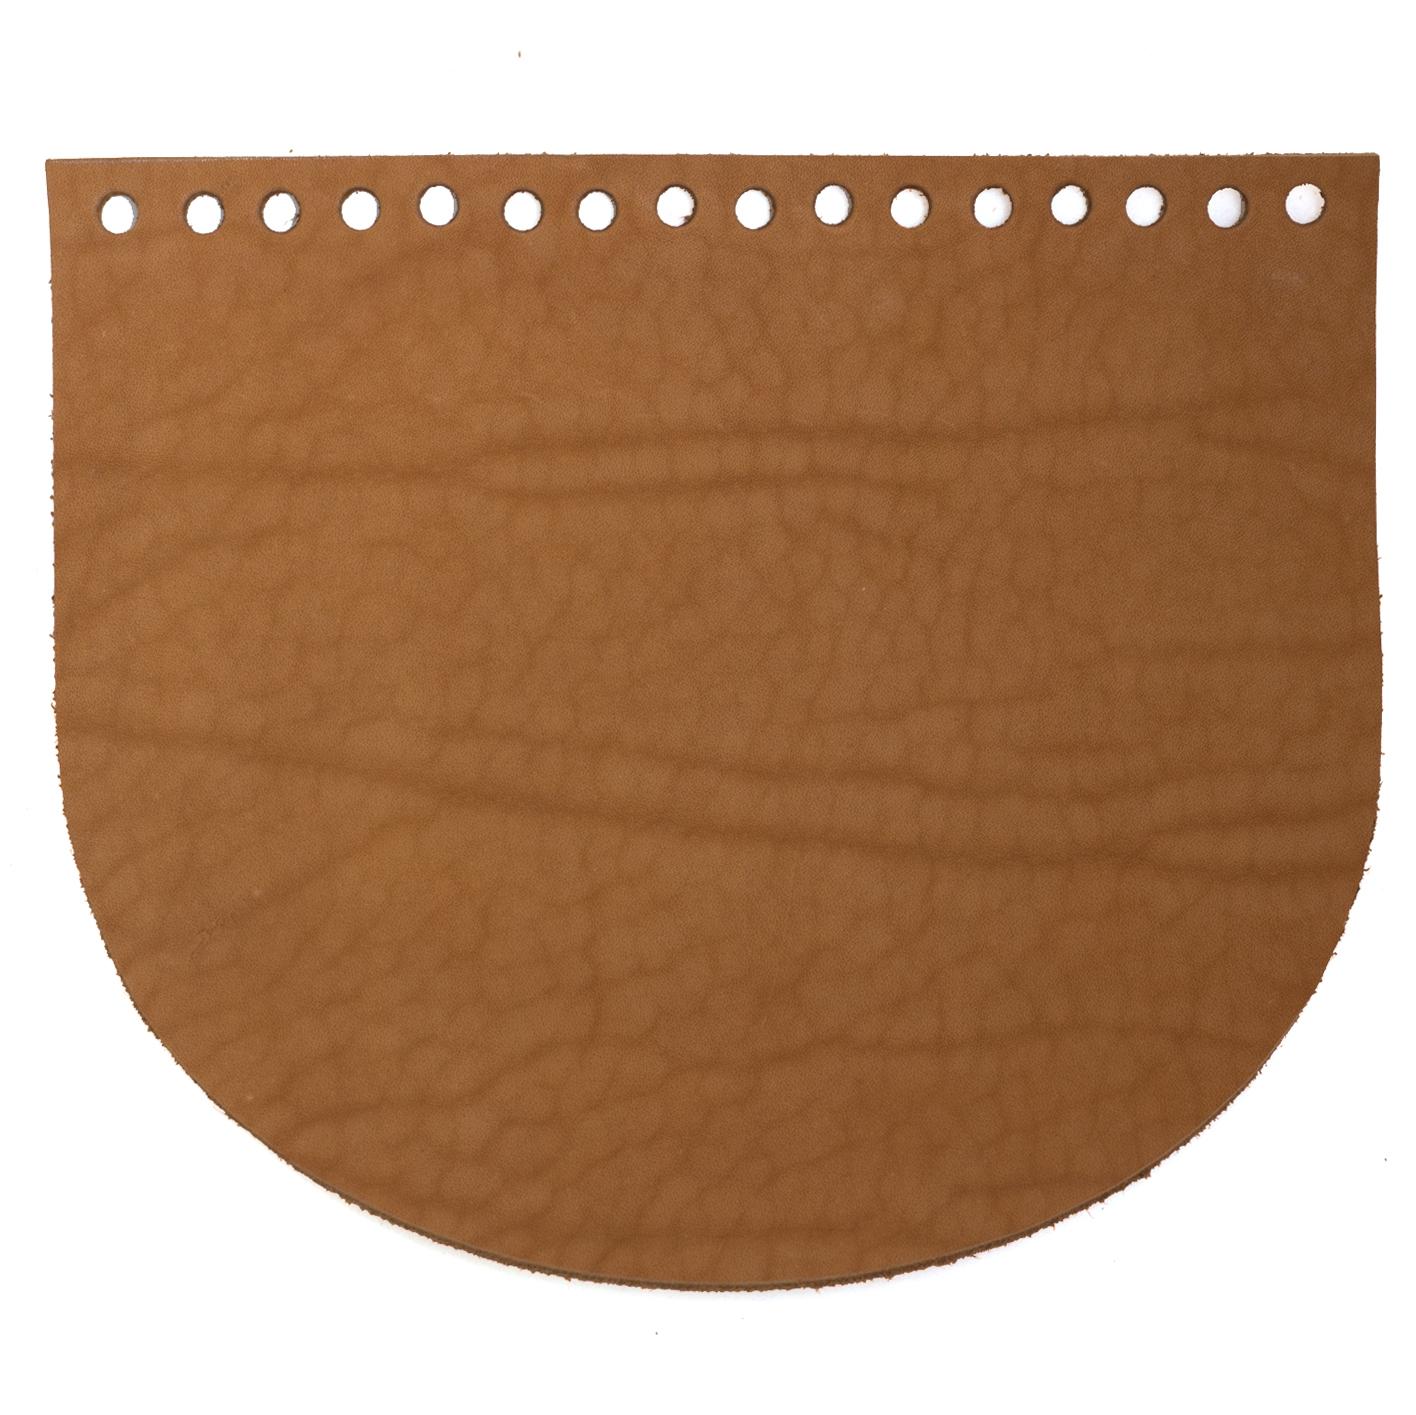 Кожаная фурнитура Клапан для сумочки кожаный песочный-мрамор IMG_9140.jpg